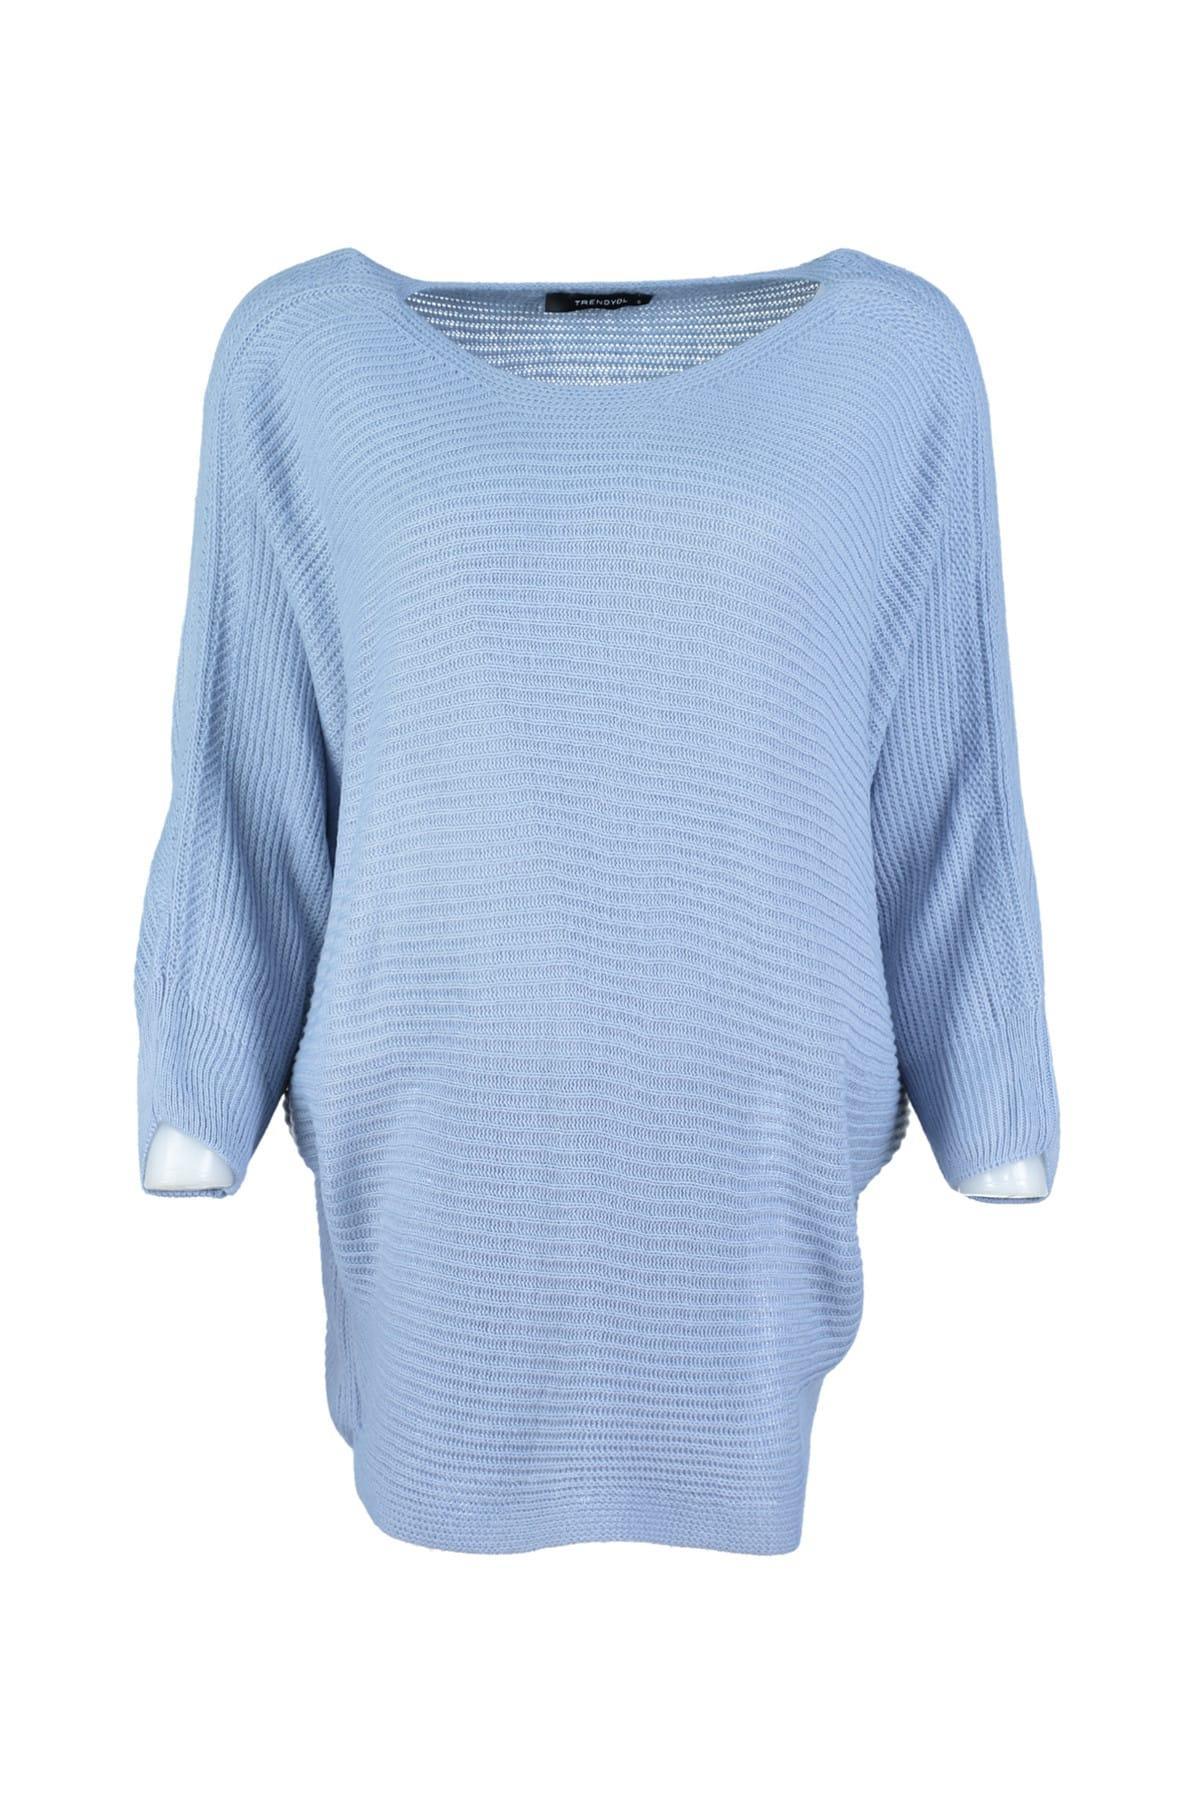 Trendyol WOMEN-Blue Bat Sleeve Sweater Sweater TWOAW20ZA0015